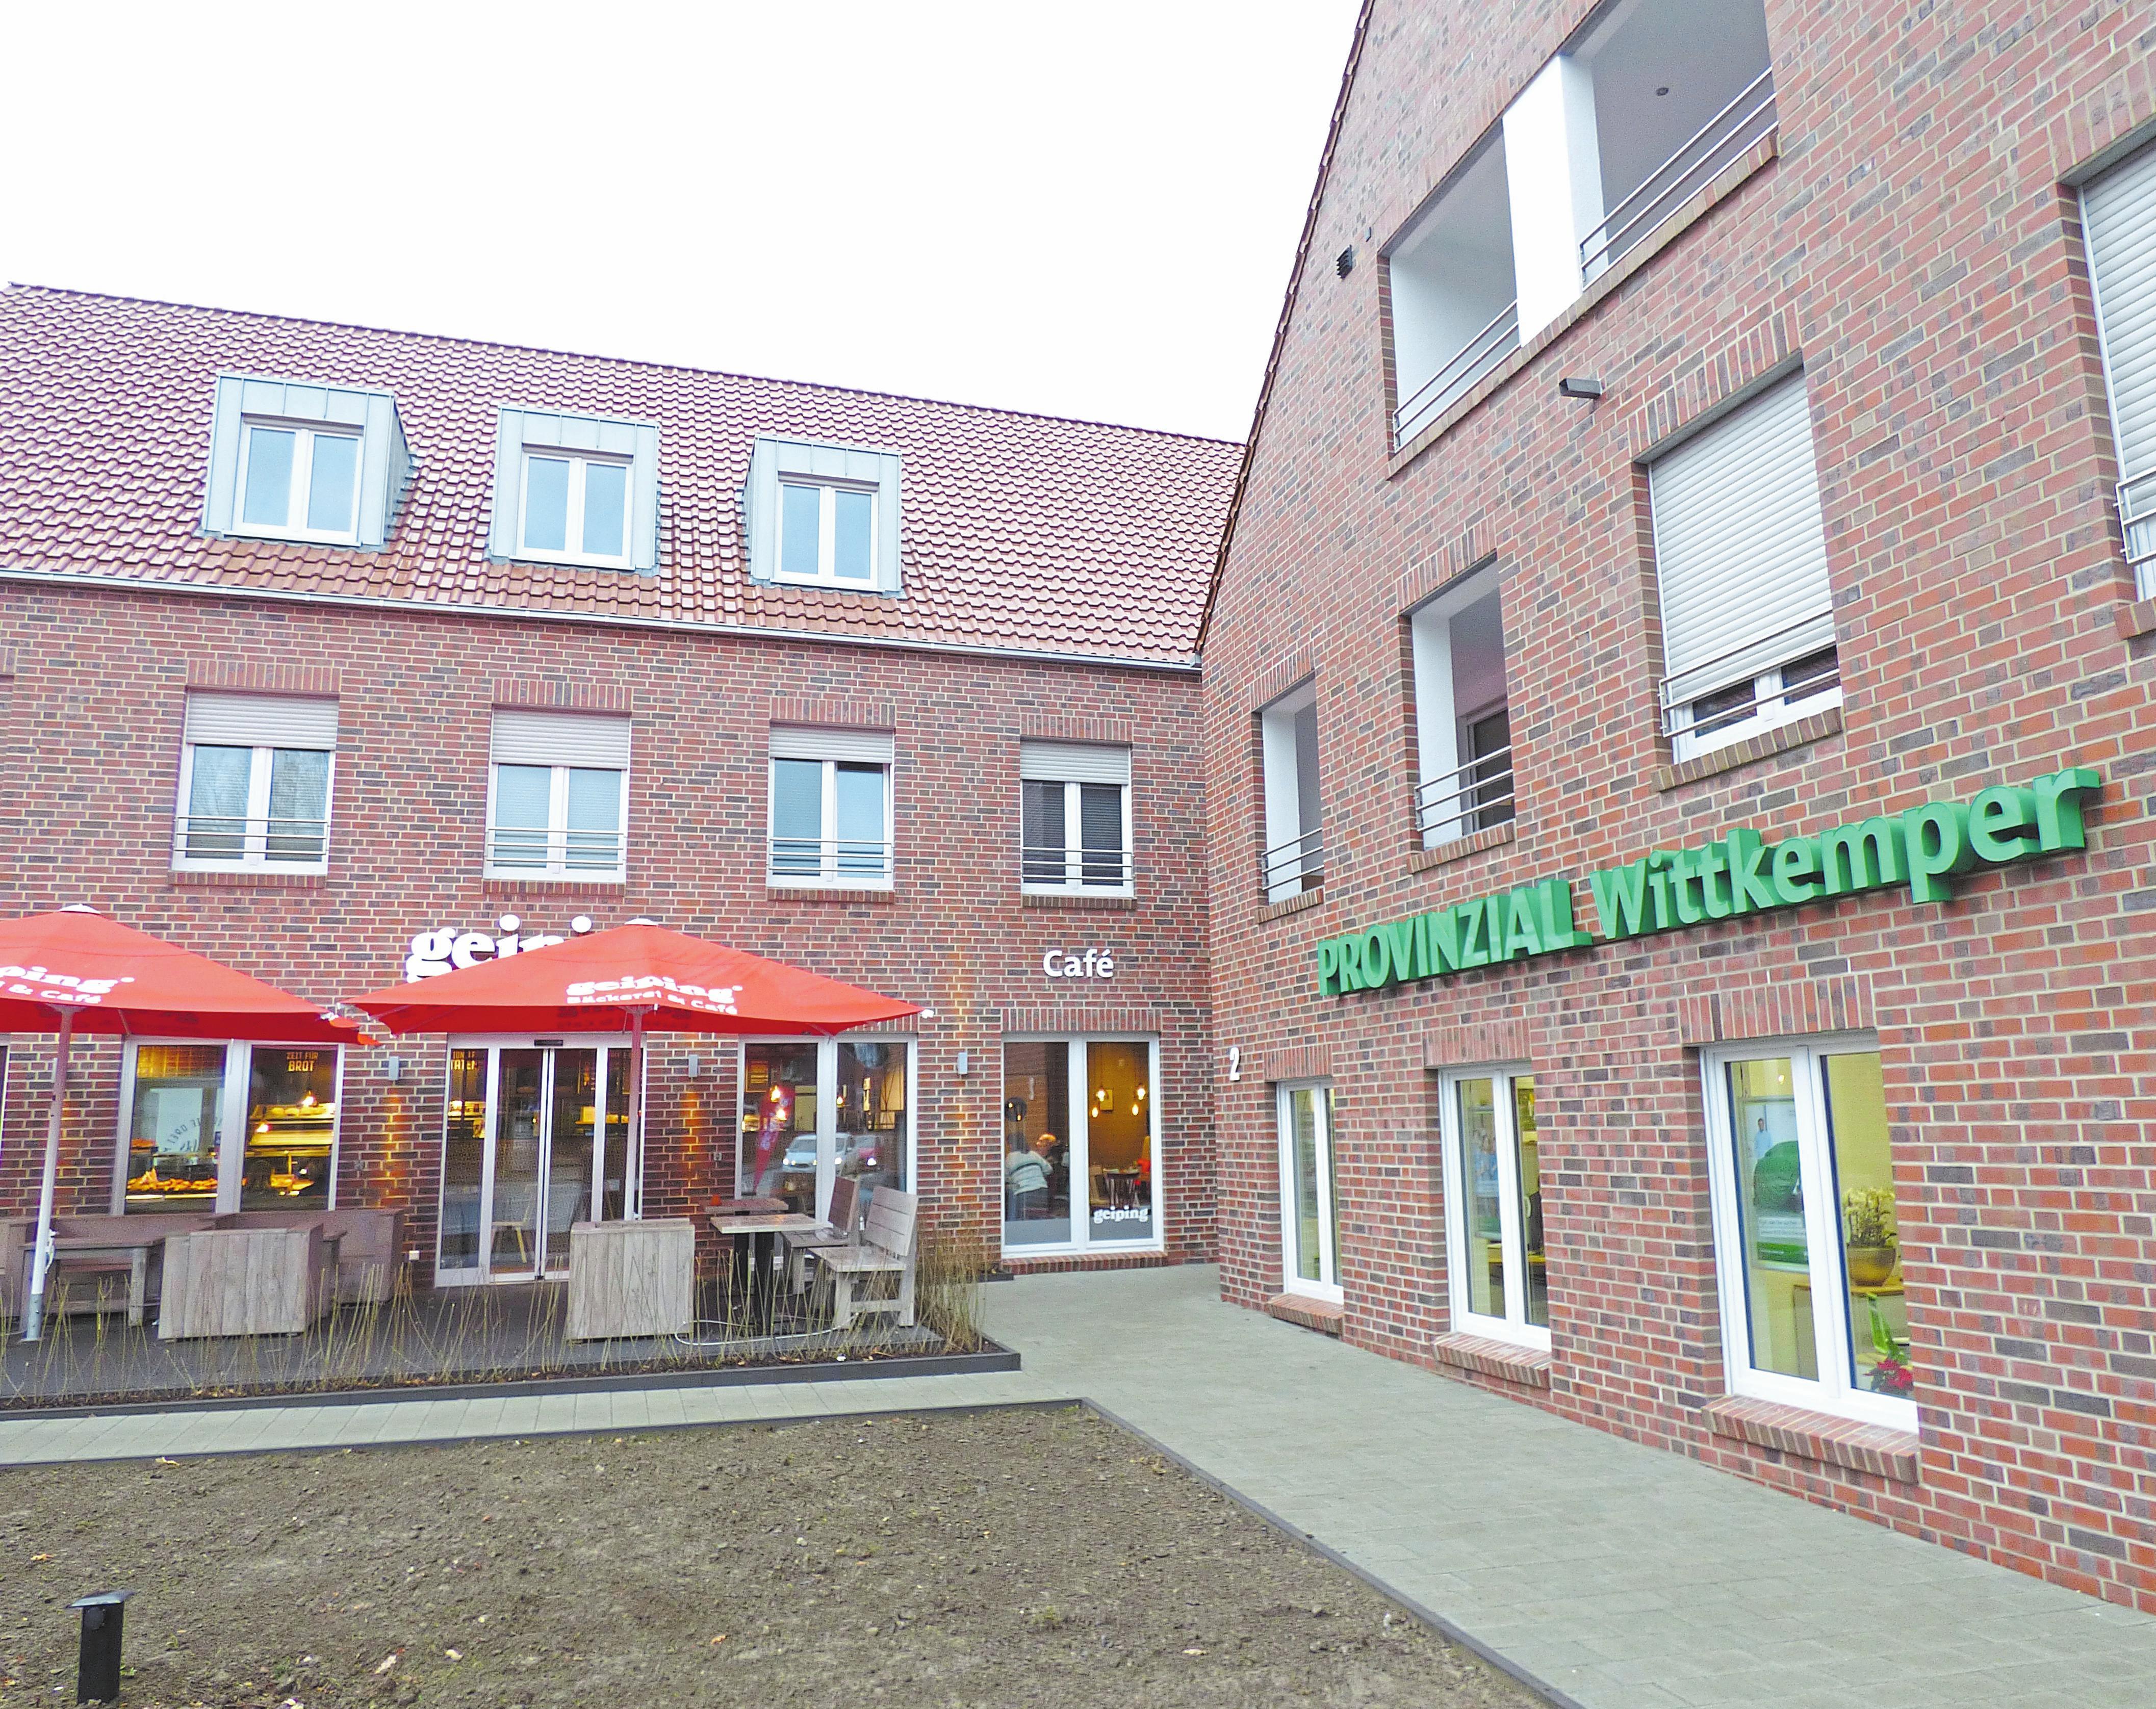 Von der Hauptstraße aus blickt man in Richtung Café-Terrasse. Direkt daneben die Filiale der Provinzial. Zwischen Café und Versicherung befindet sich der Eingang für die Mietparteien.